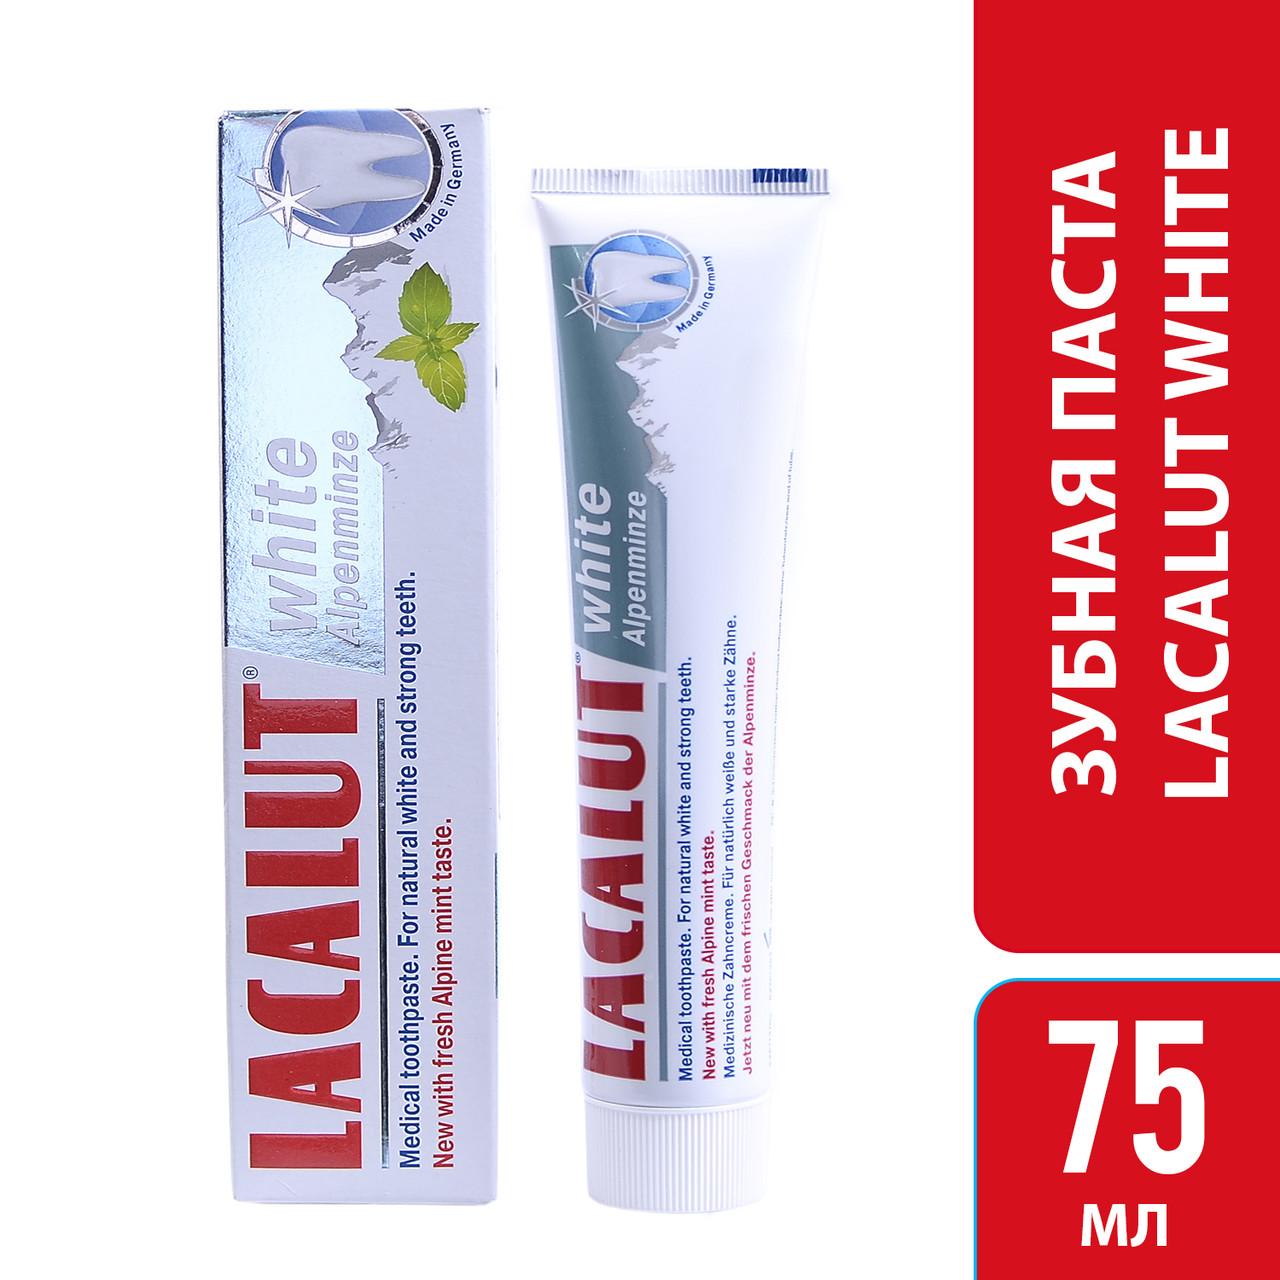 Лакалут вайт альпийская мята зубная паста 75 мл, 1 шт.